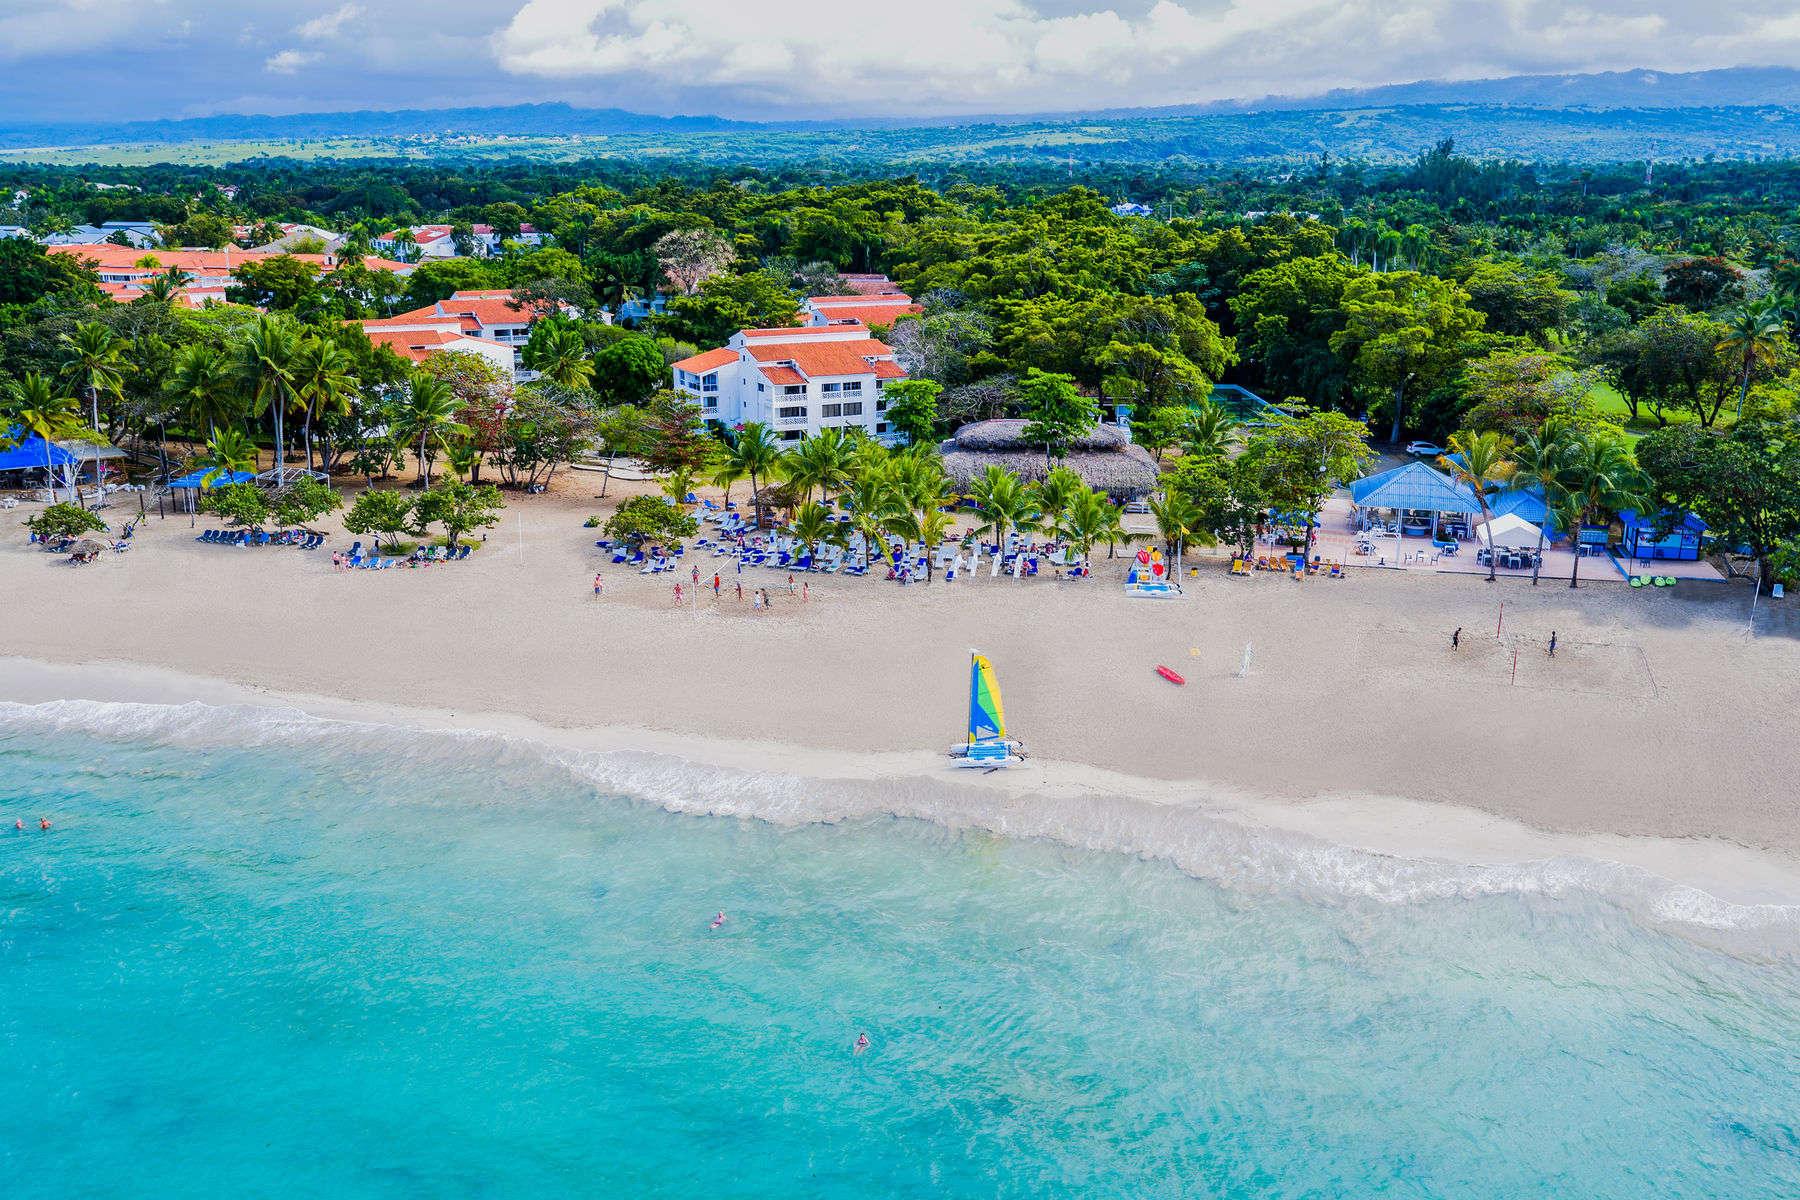 Доминикана готовится принимать по 10 млн туристов в год iDominicana.com